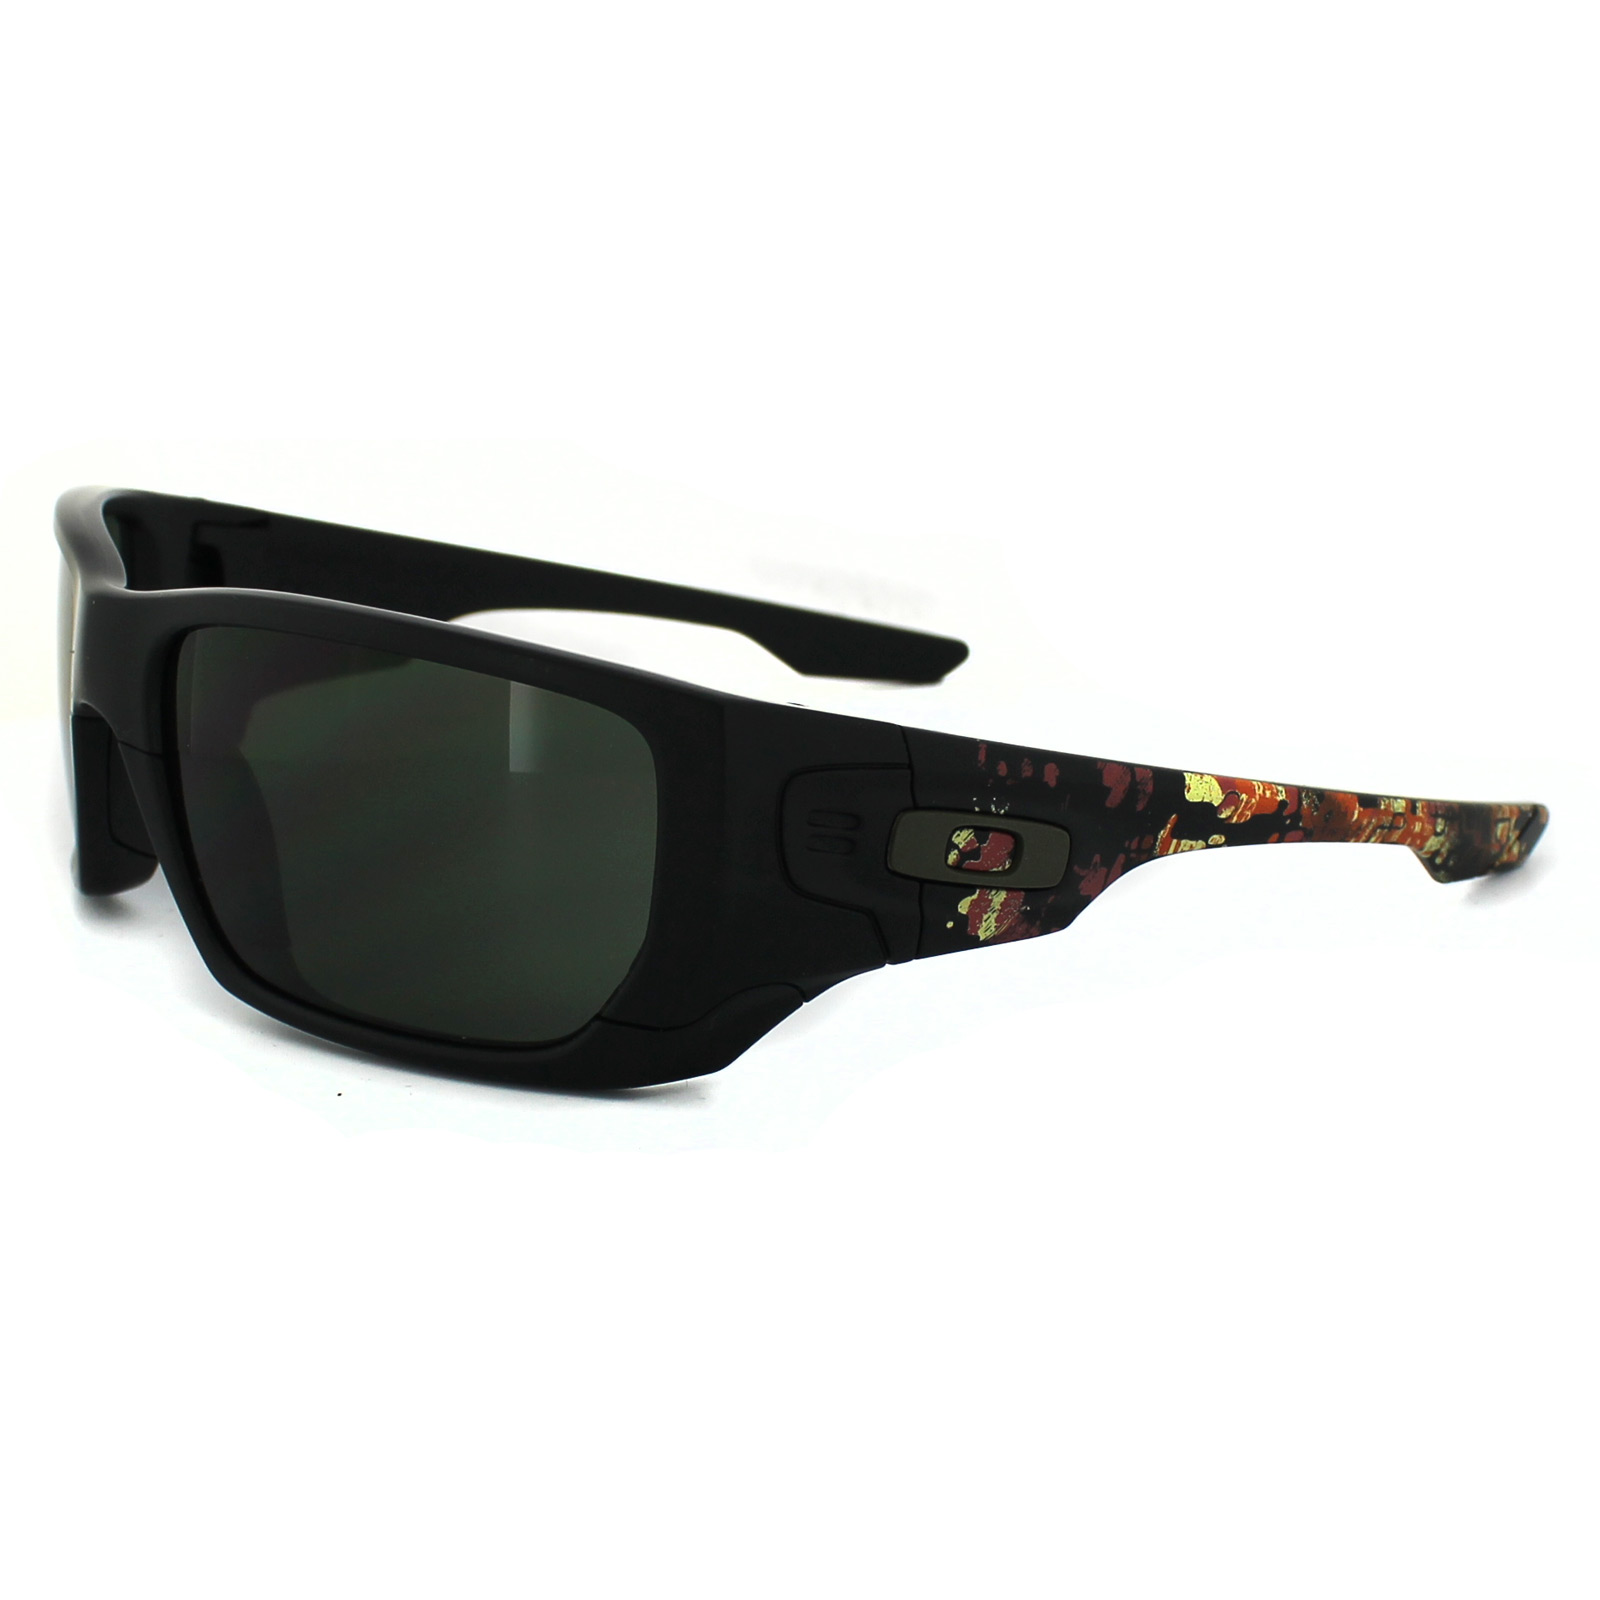 Oakley Sunglass Styles  oakley sunglasses style switch oo9194 15 alpha decay black dark